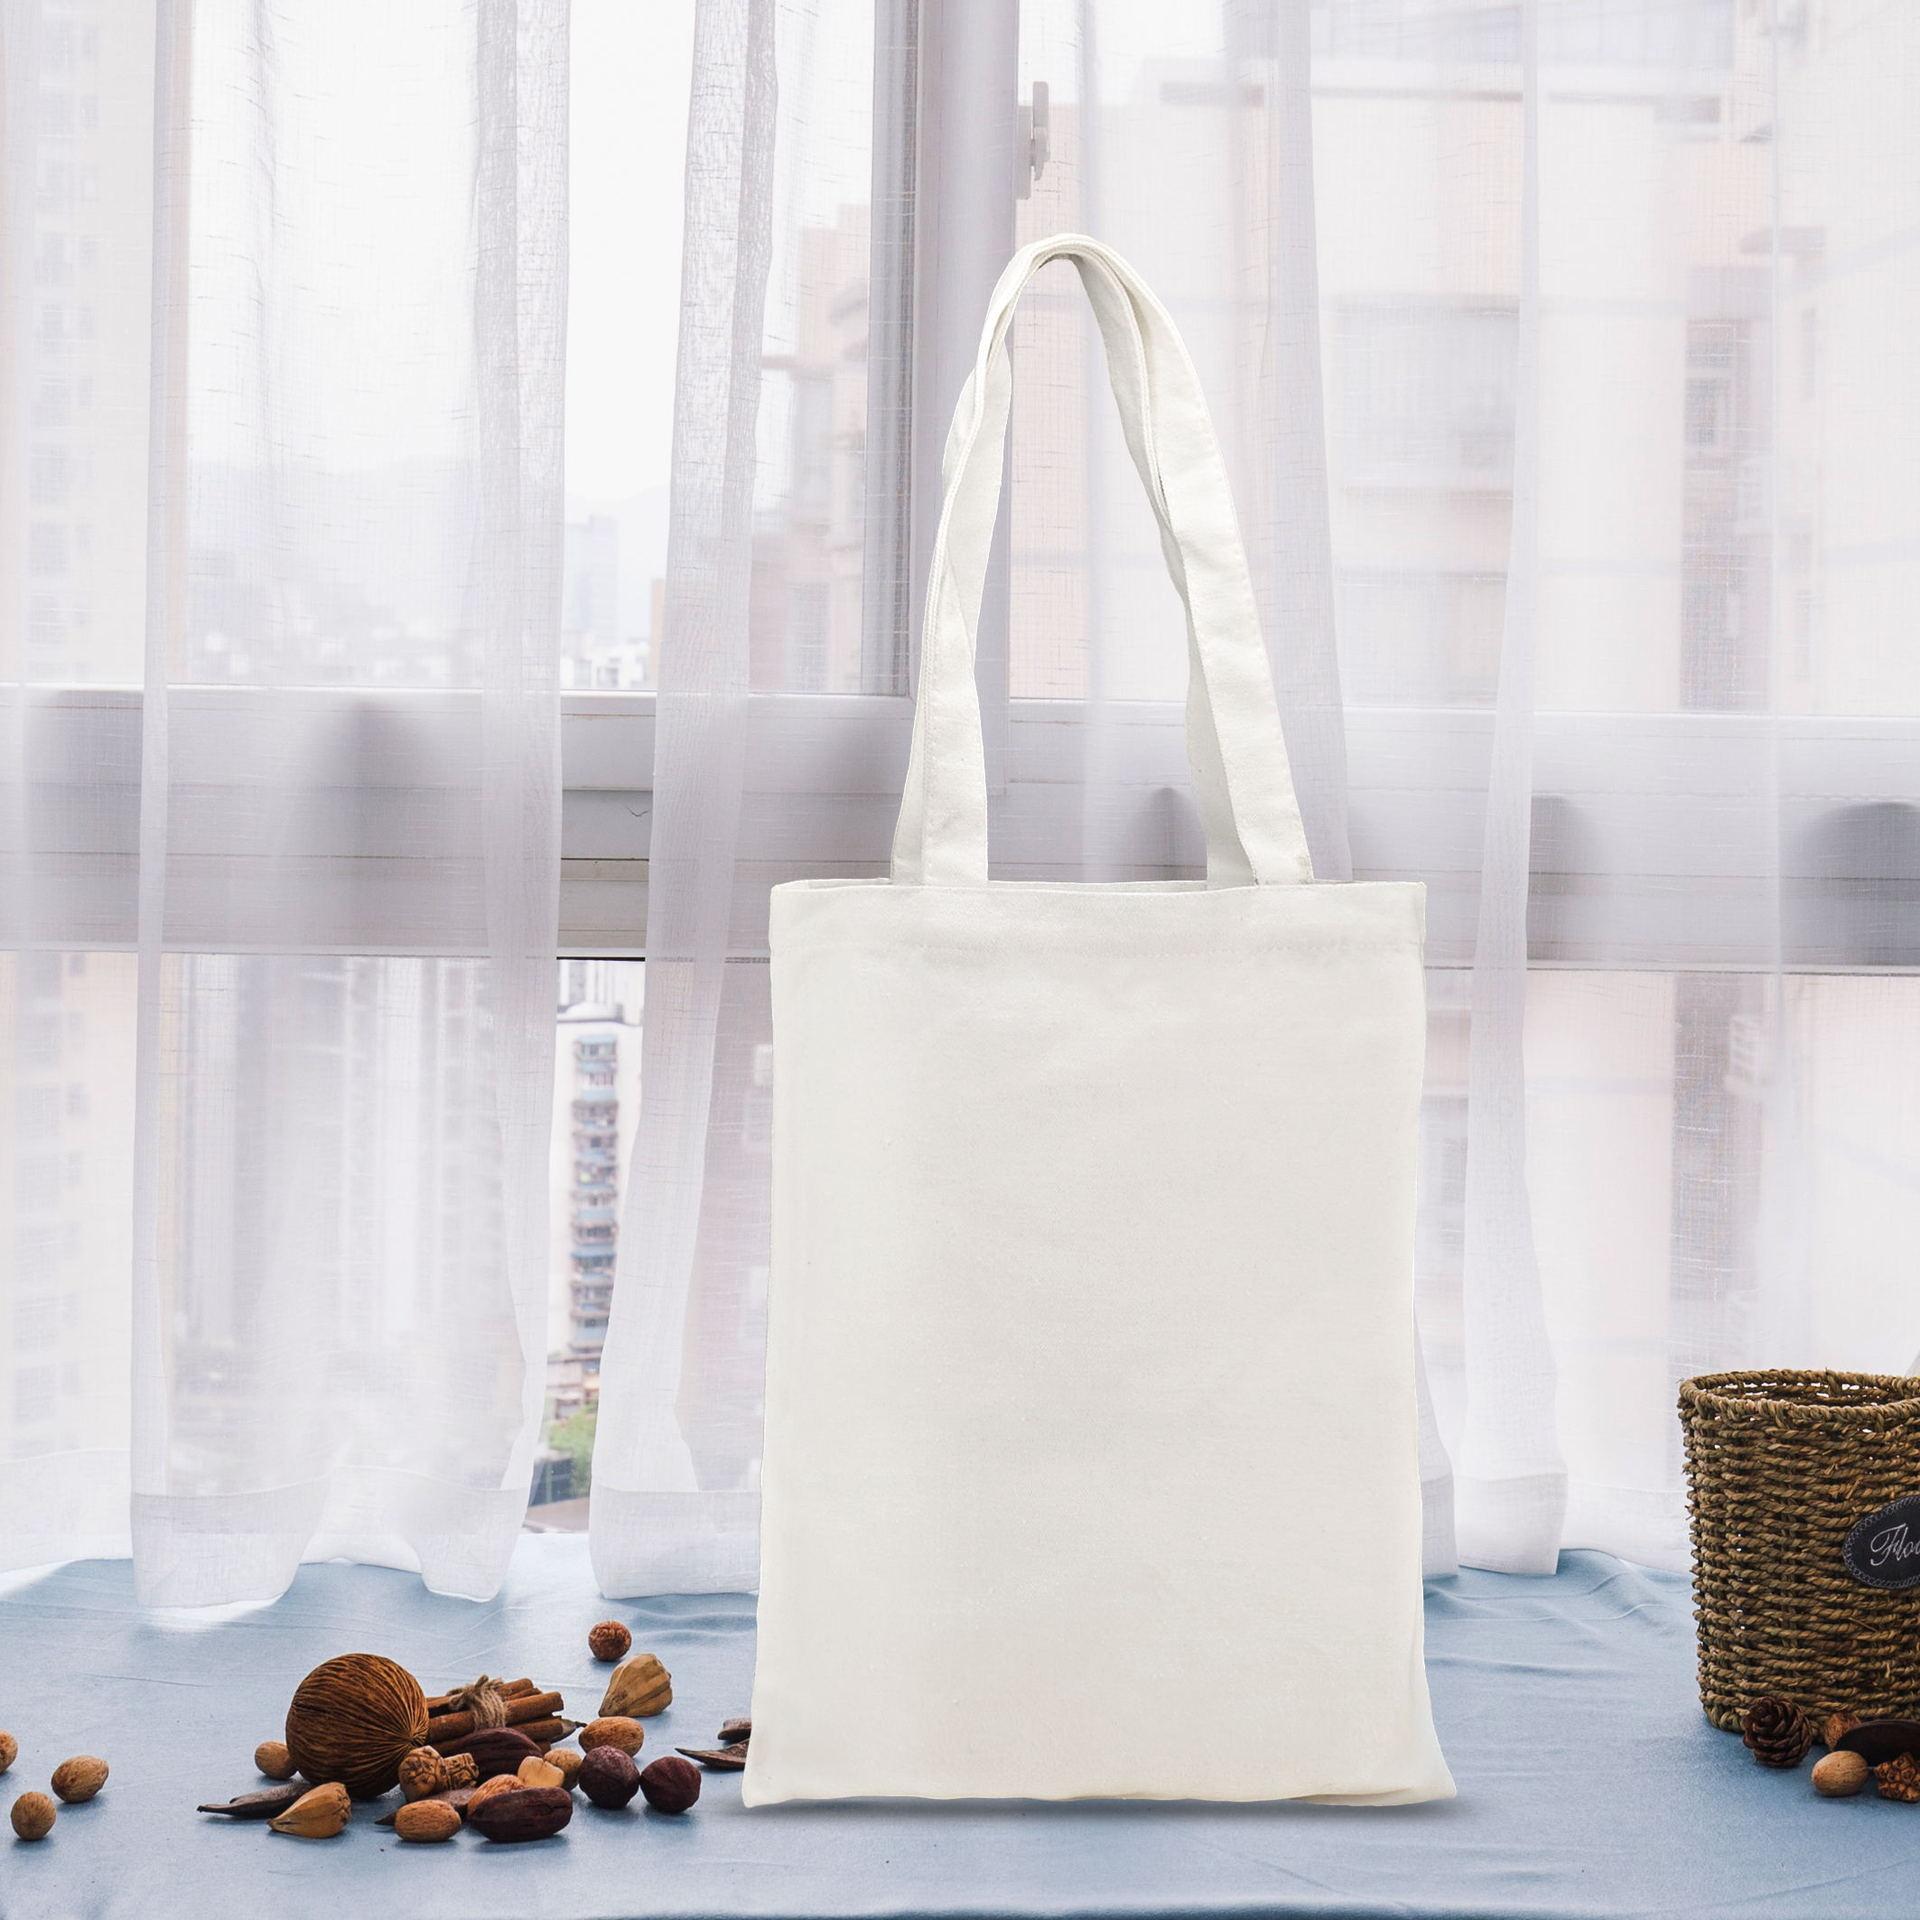 帆布袋定做印 logo棉布手提环保购物袋定制全涤棉款帆布袋加印